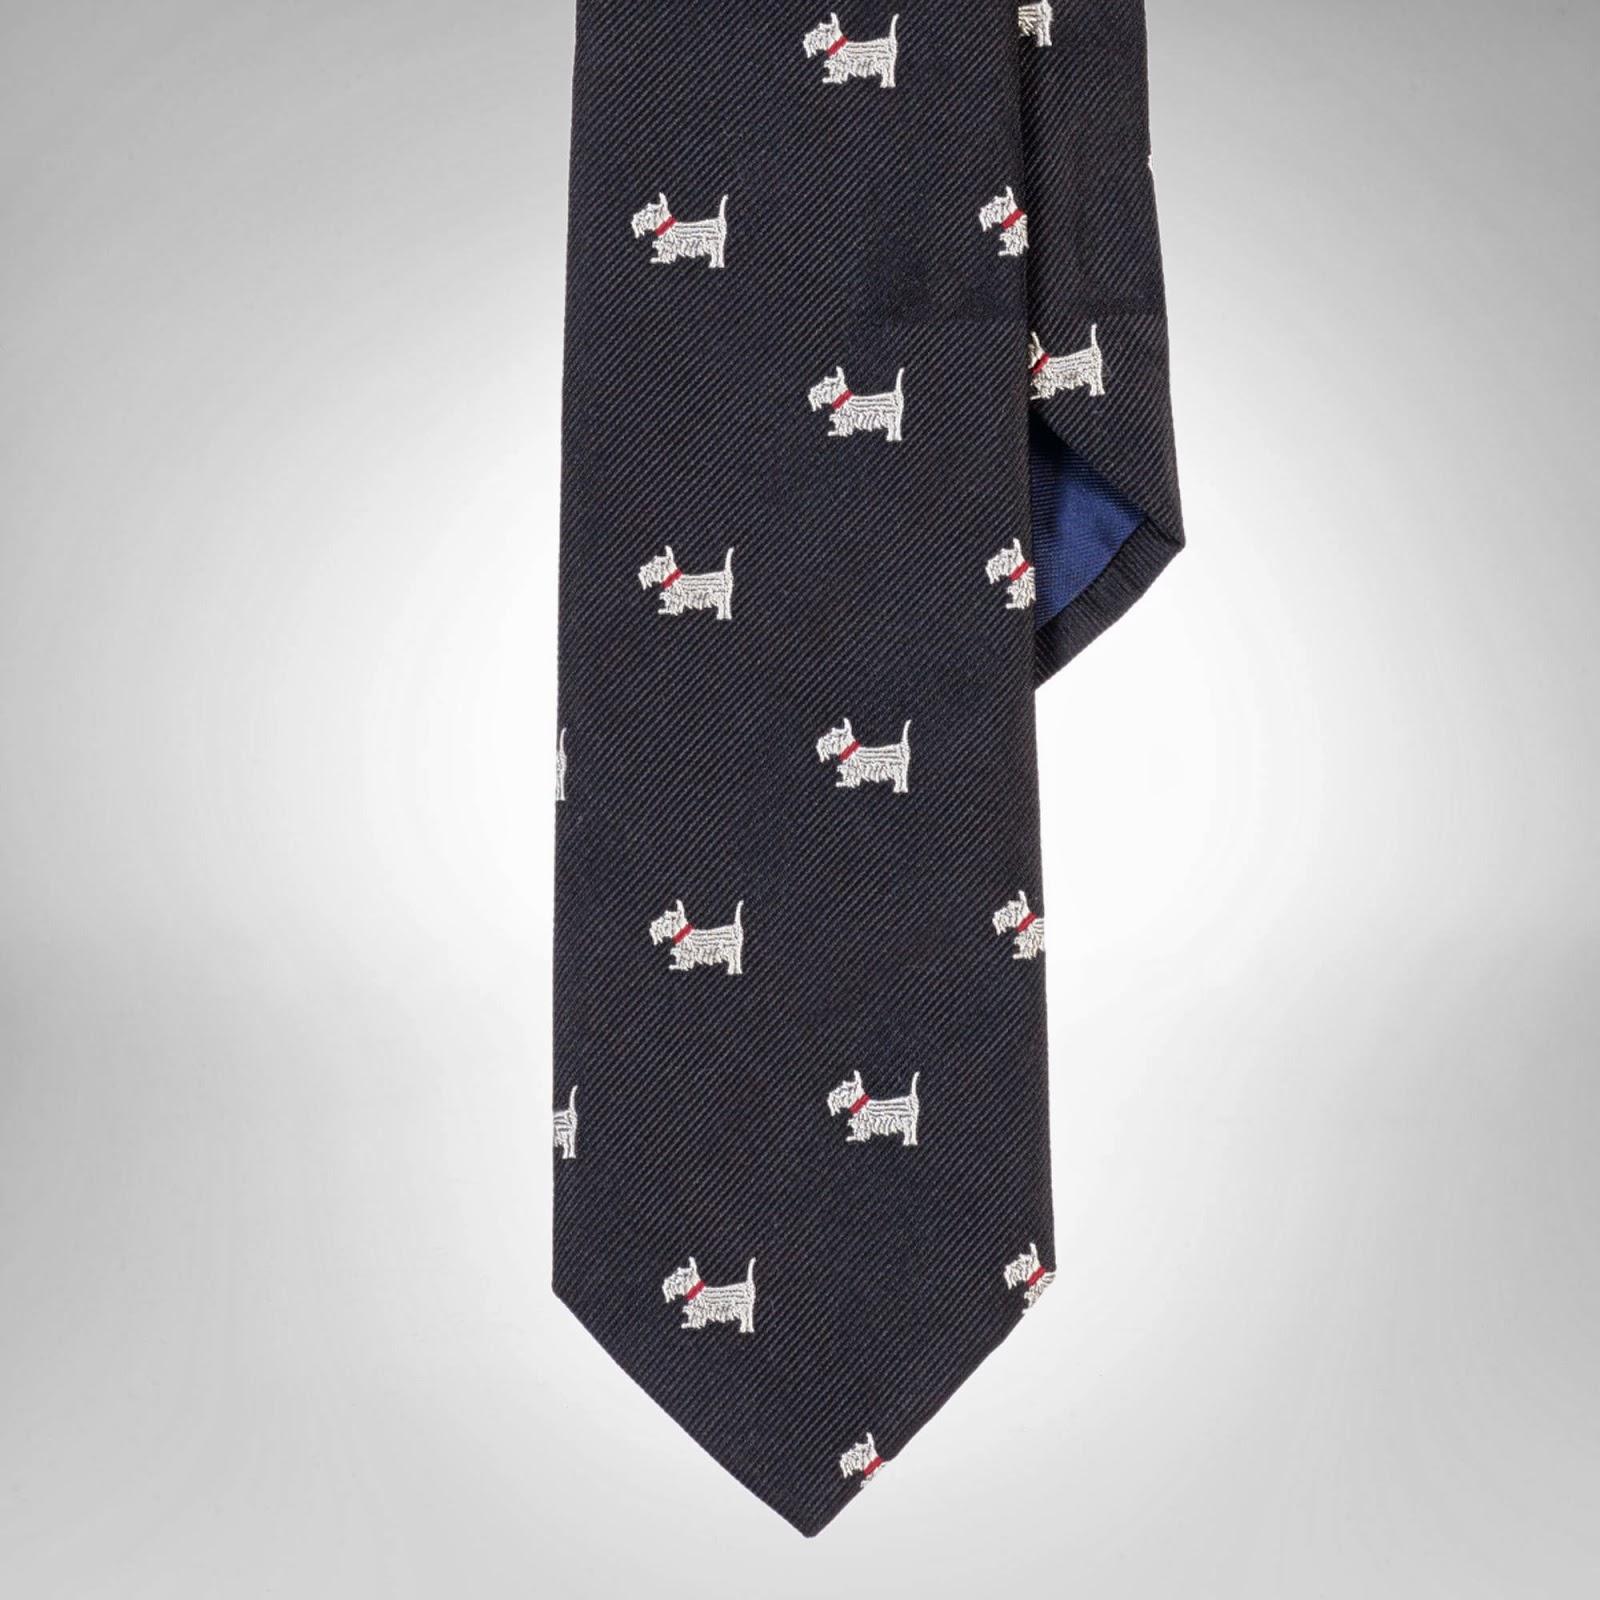 David Beckham's Polo Ralph Lauren Scottie dog necktie - Macau Handprint Ceremony November 2013